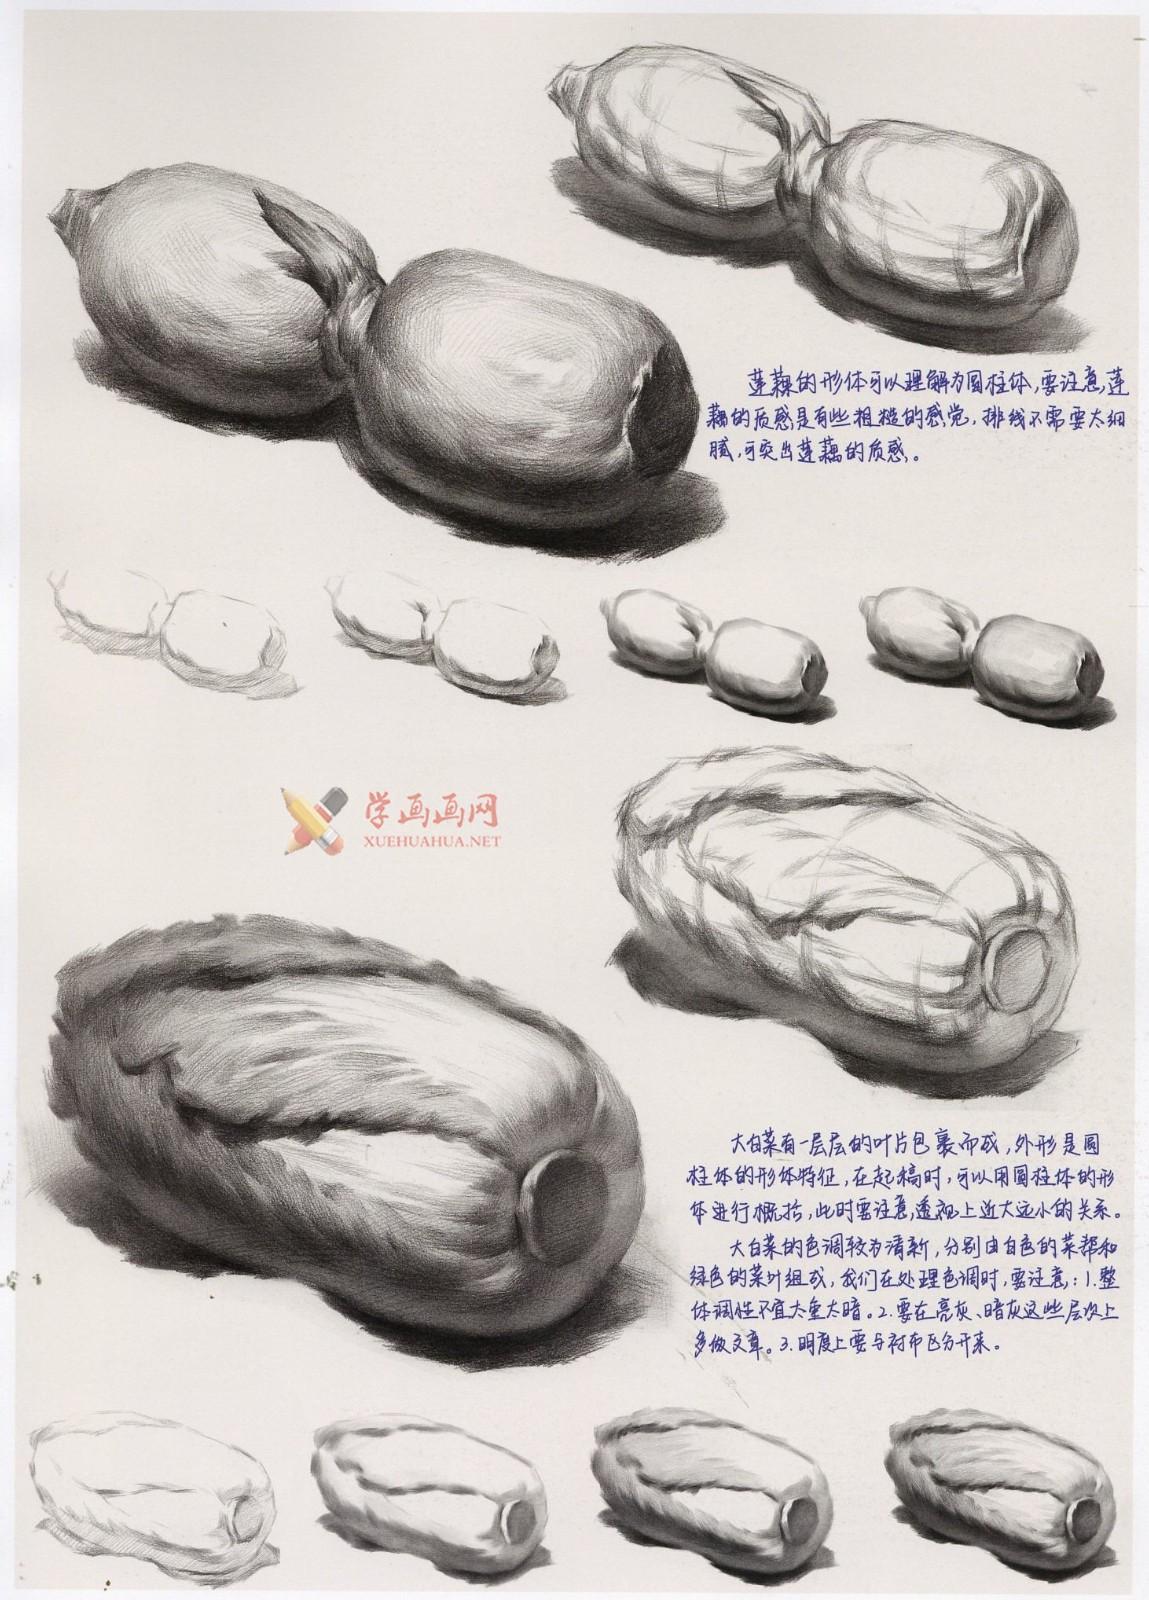 白菜怎么画?素描大白菜的画法图解及临摹范画图片素材(1)